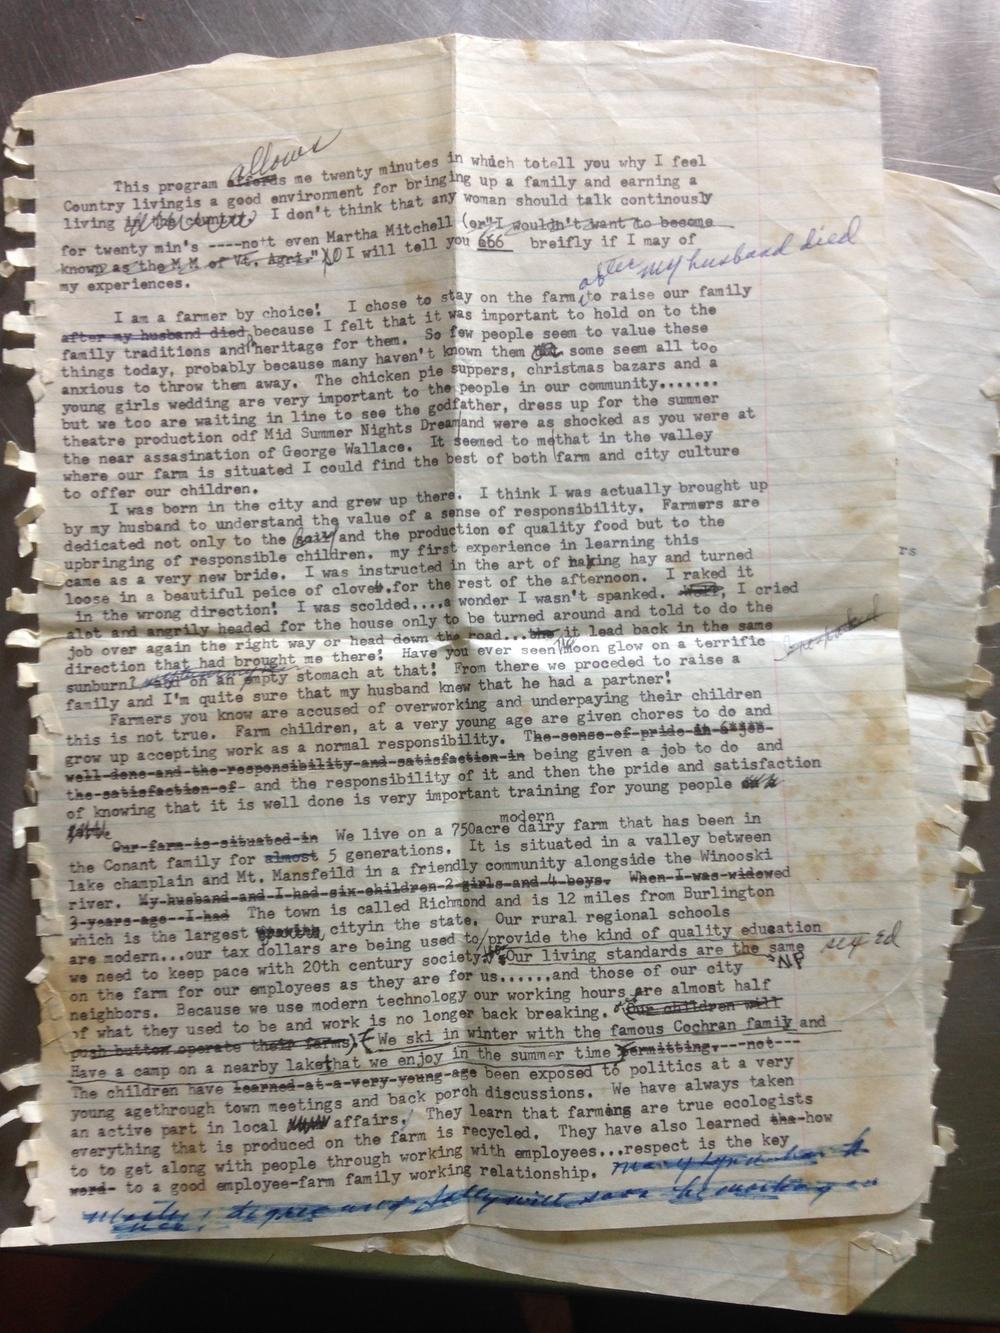 Gloria's manuscript